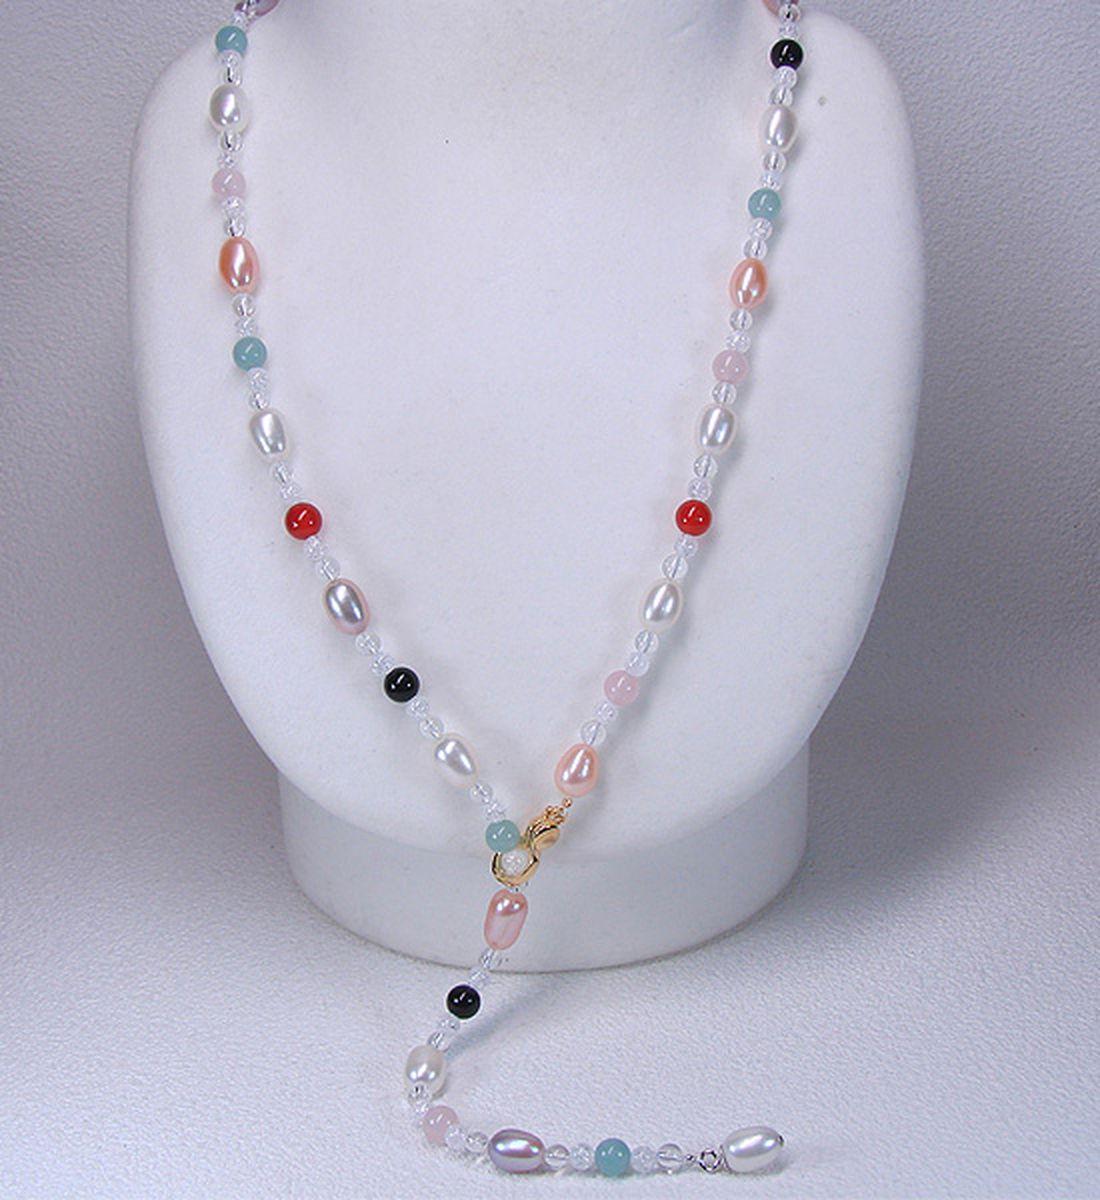 淡水真珠オリジナルデザインネックレス 約7.0-8.0mmの写真